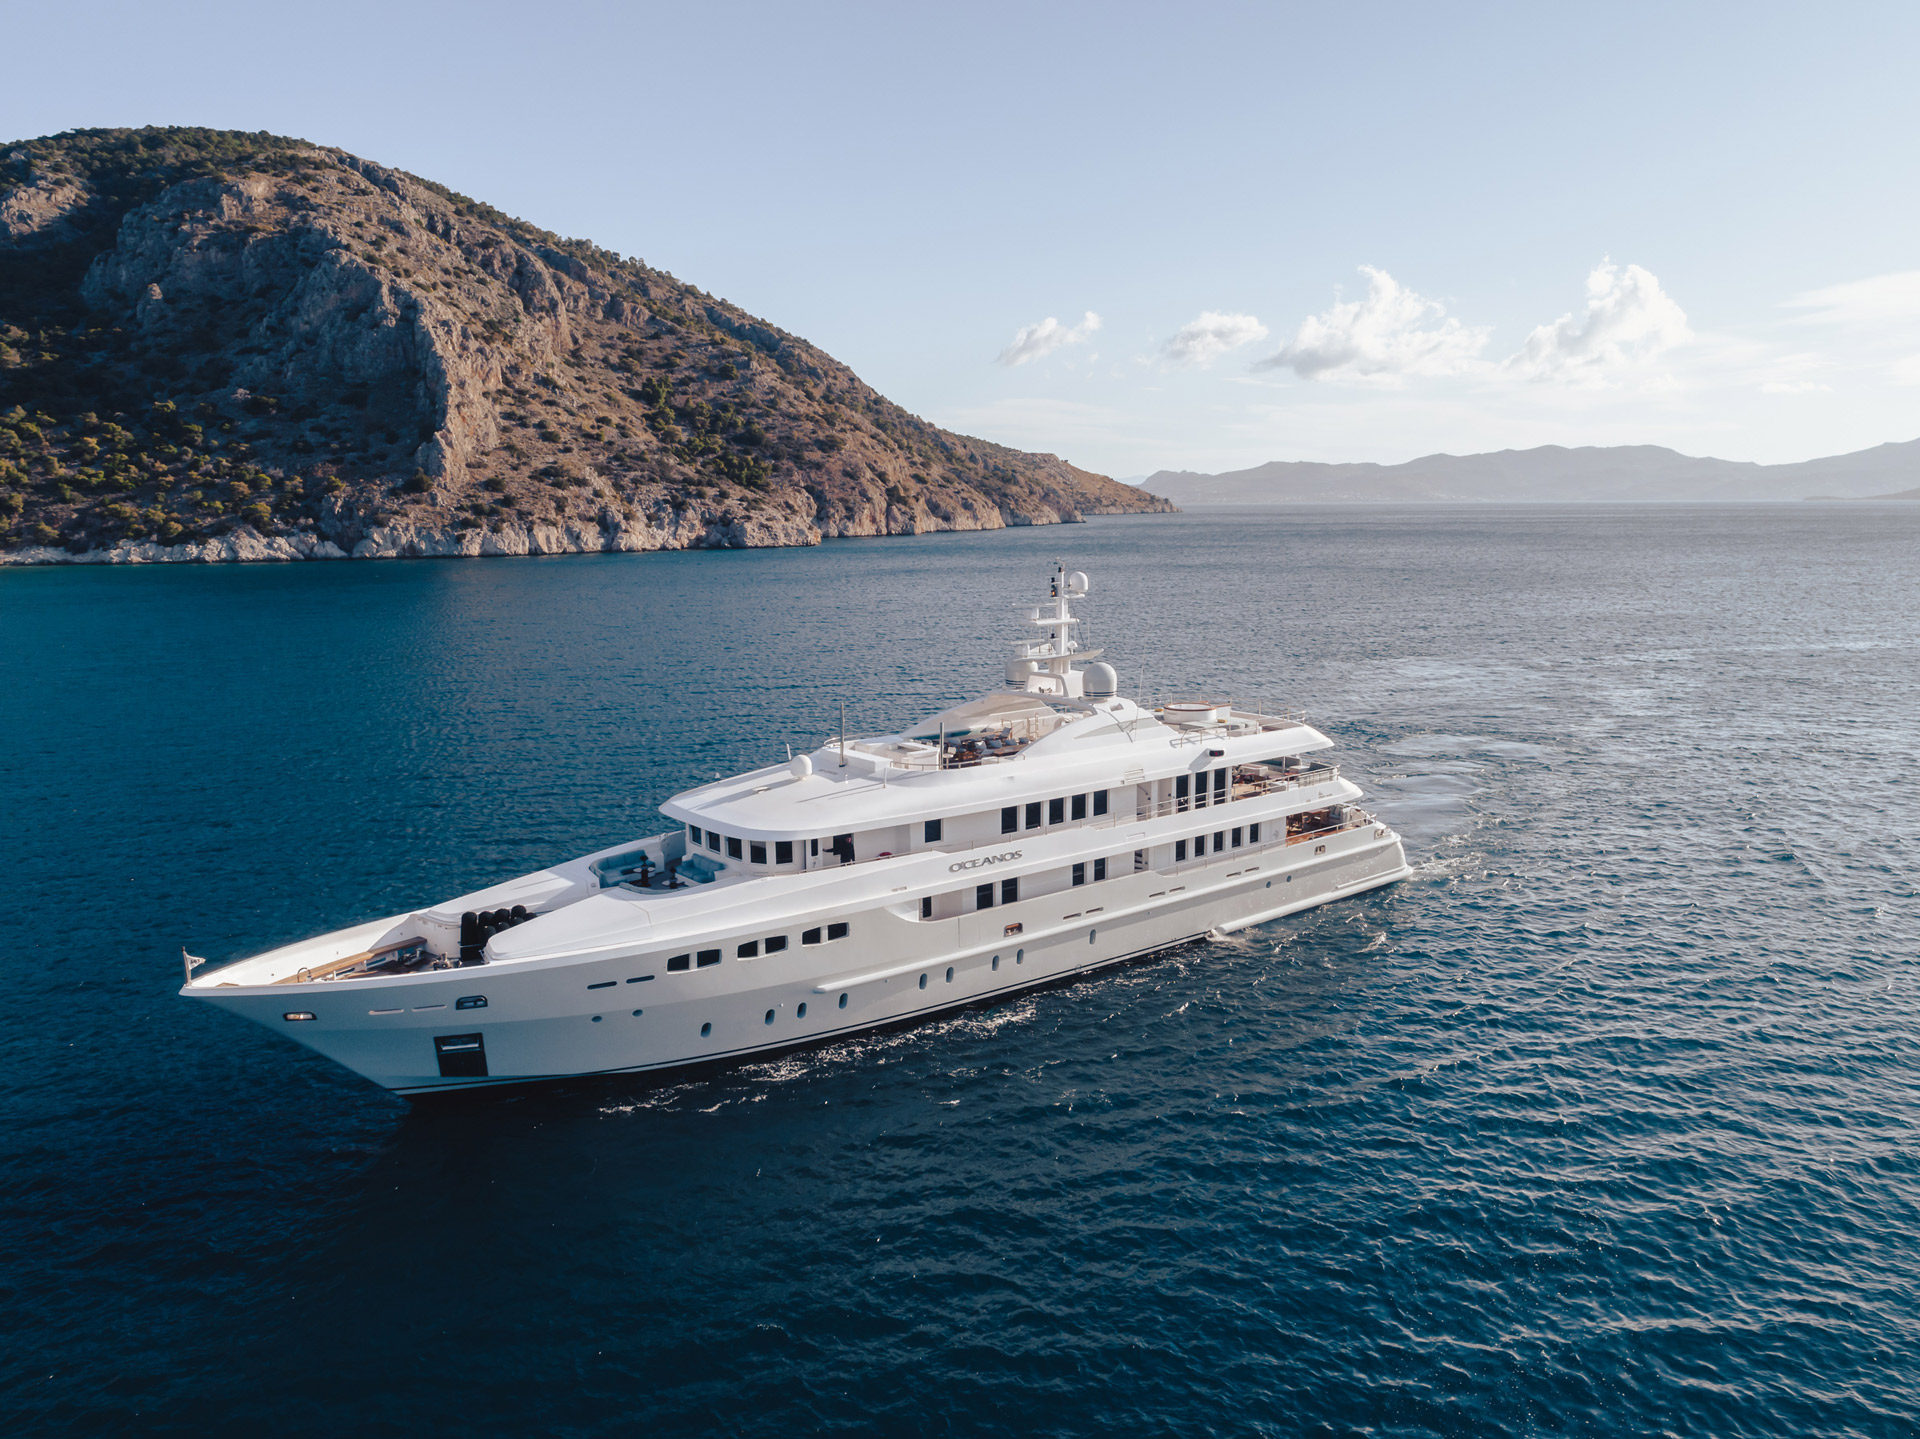 O'CEANOS Superyacht For Charter